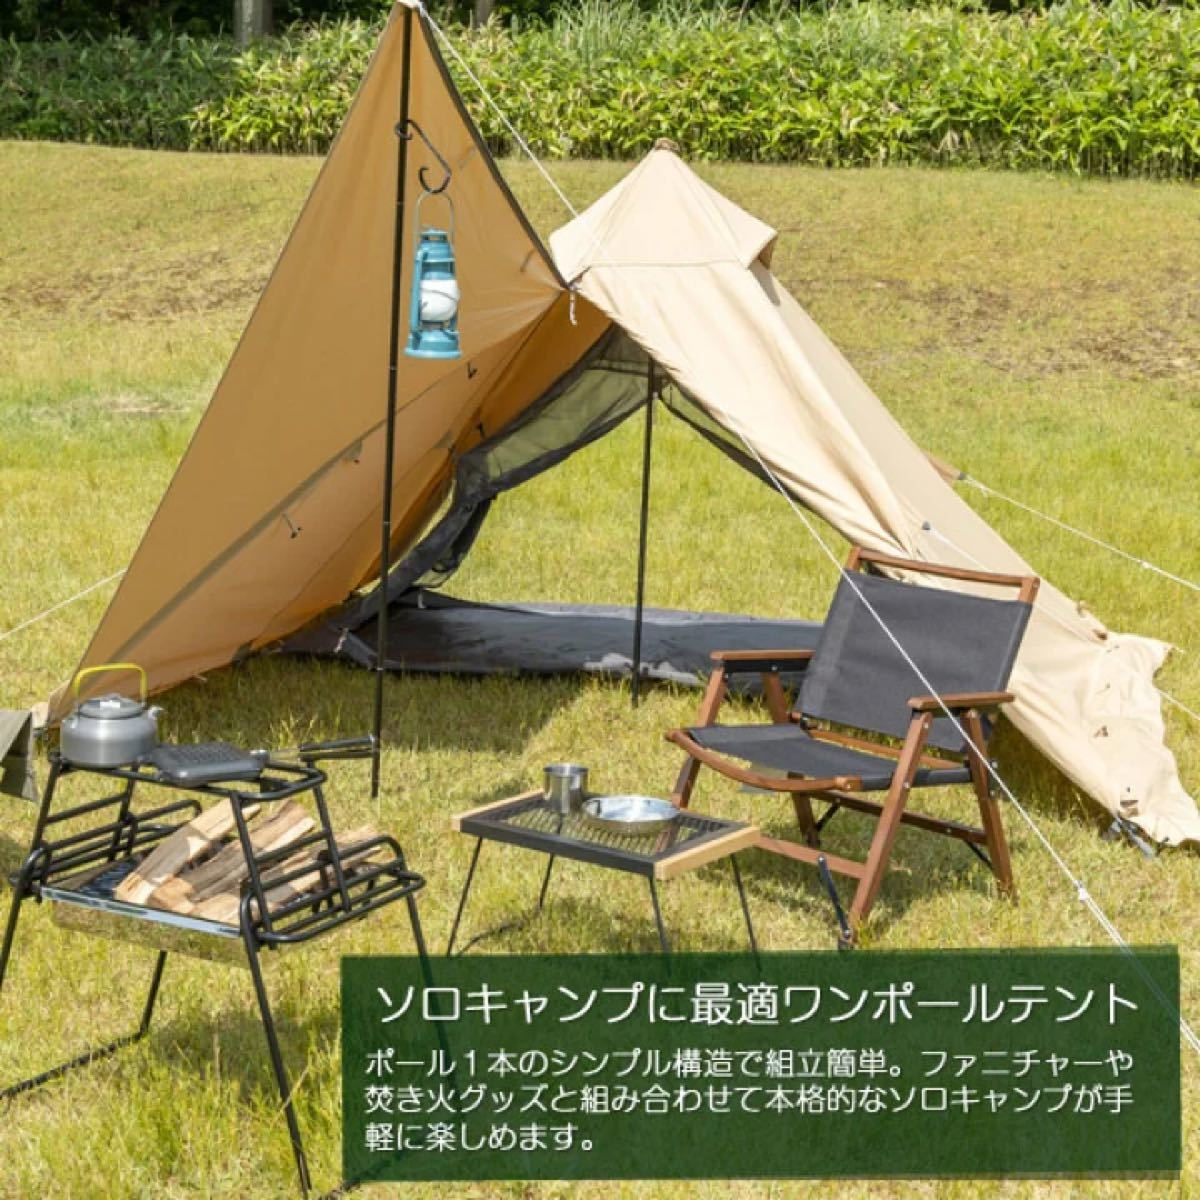 【新品】BUNDOK ソロティピー TC サンドベージュ BDK-75TCSB ワンポールテント